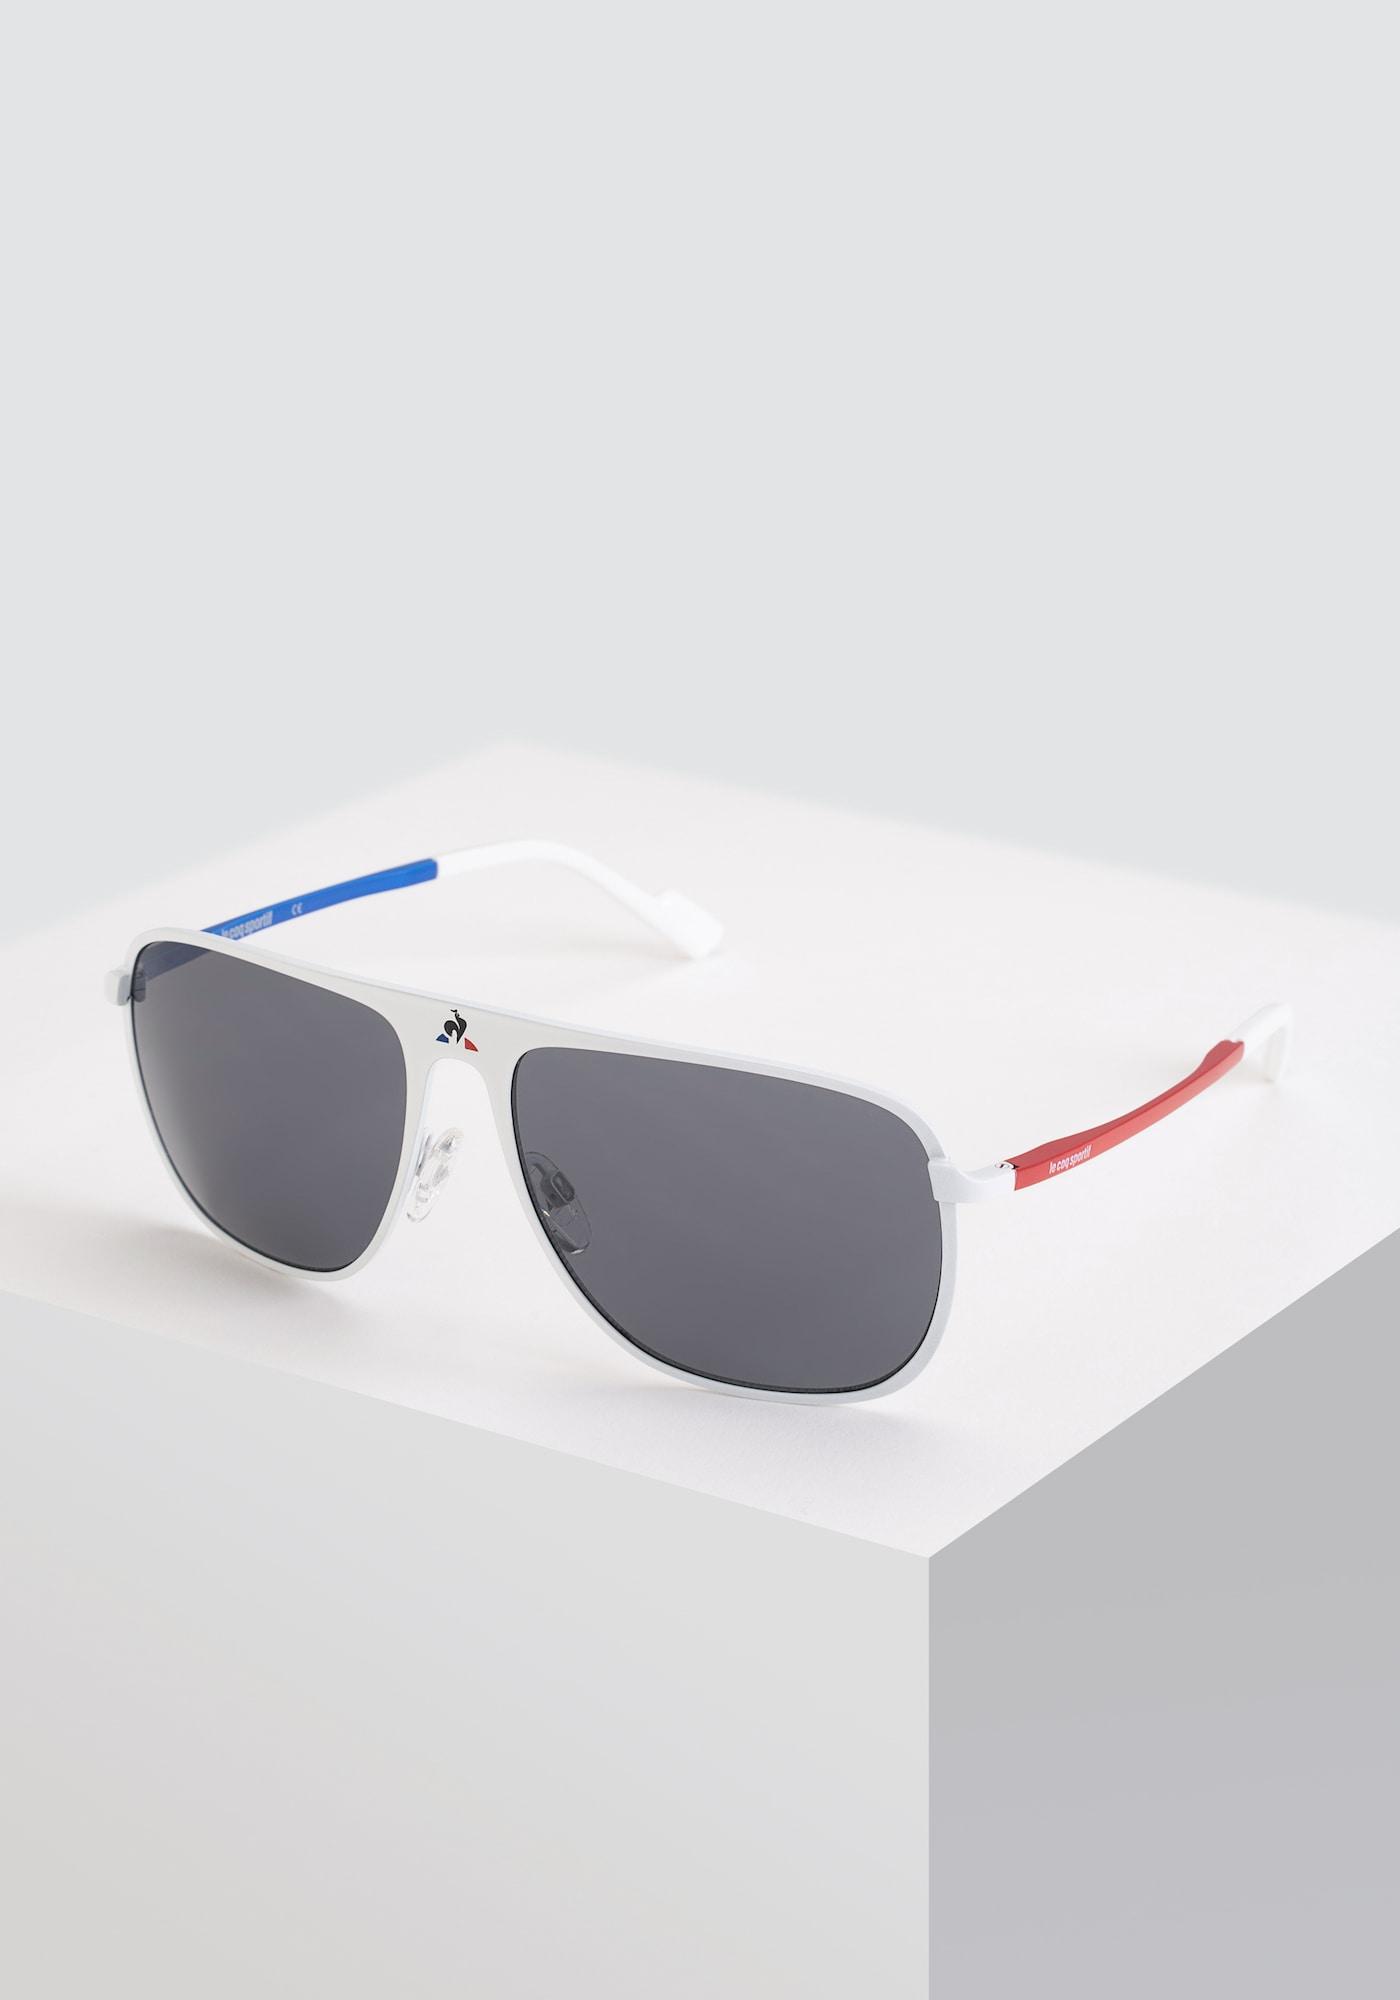 le coq sportif - Sonnenbrille 'LCS7005A 002'